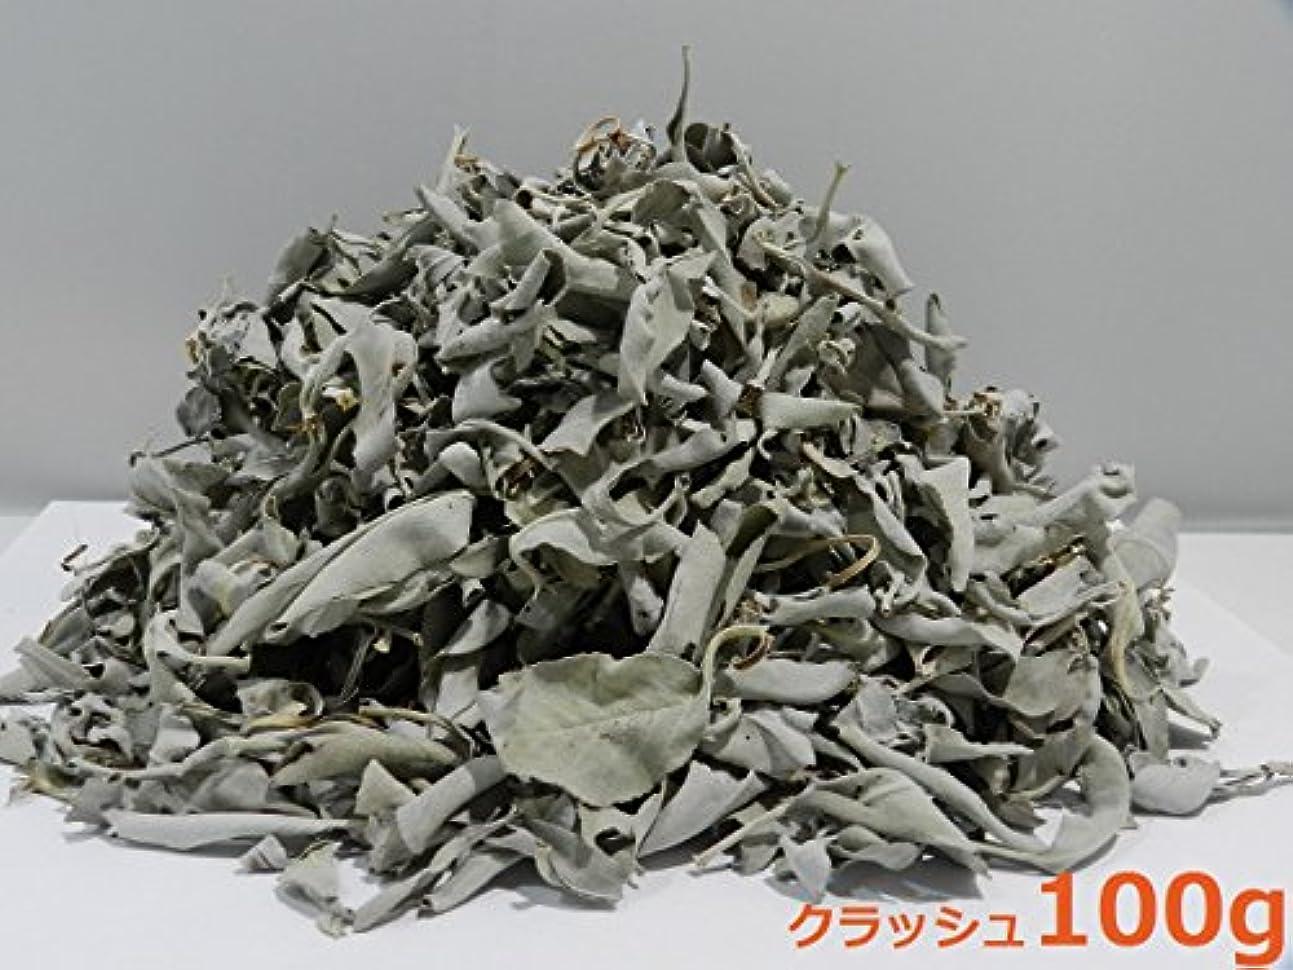 自分とげ控えめなカリフォルニア産 浄化用 ホワイトセージ /White Sage クラッシュ 100g☆海外輸入品